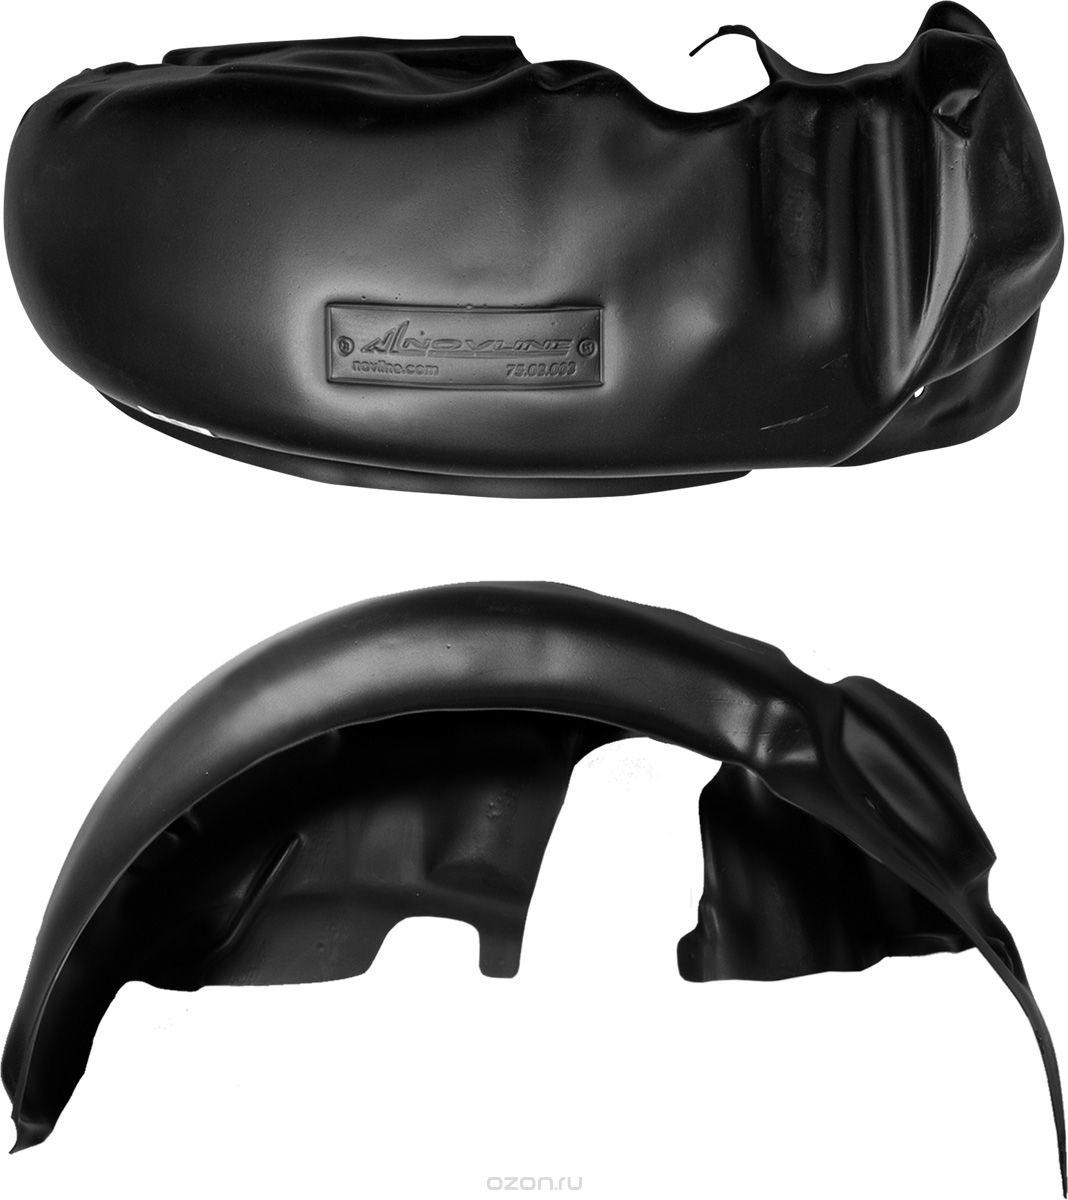 Подкрылок Novline-Autofamily, для Skoda Superb, 2013-2015, задний правыйNLL.45.05.004Идеальная защита колесной ниши. Локеры разработаны с применением цифровых технологий, гарантируют максимальную повторяемость поверхности арки. Изделия устанавливаются без нарушения лакокрасочного покрытия автомобиля, каждый подкрылок комплектуется крепежом. Уважаемые клиенты, обращаем ваше внимание, что фотографии на подкрылки универсальные и не отражают реальную форму изделия. При этом само изделие идет точно под размер указанного автомобиля.